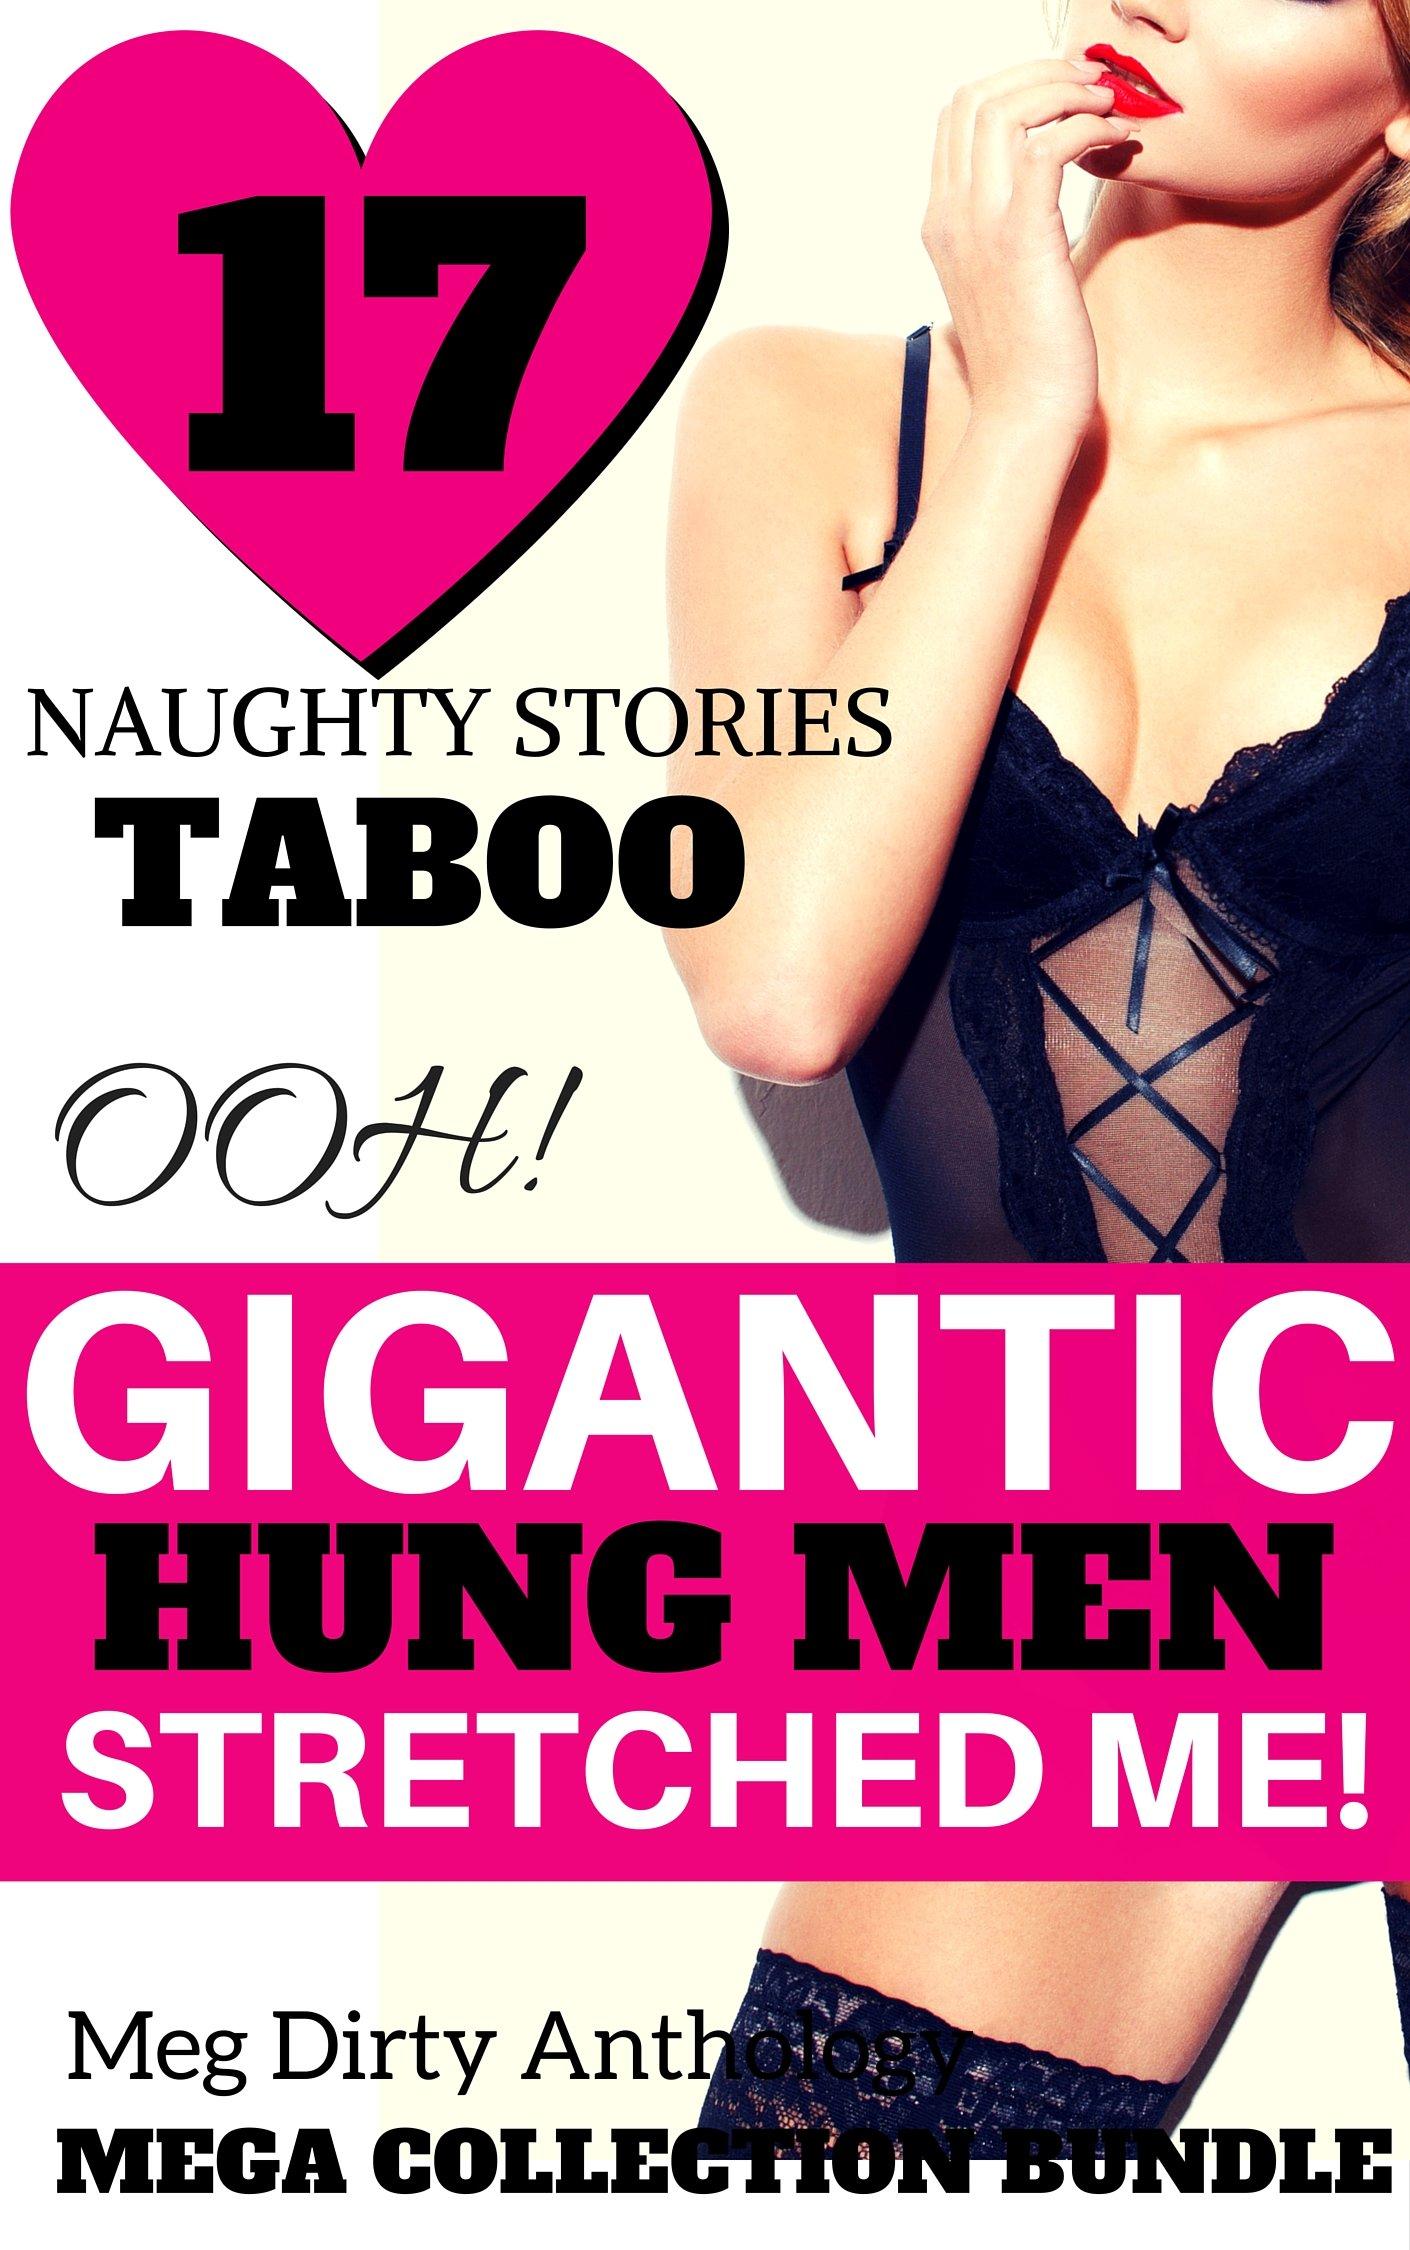 Ichigo sex pictures